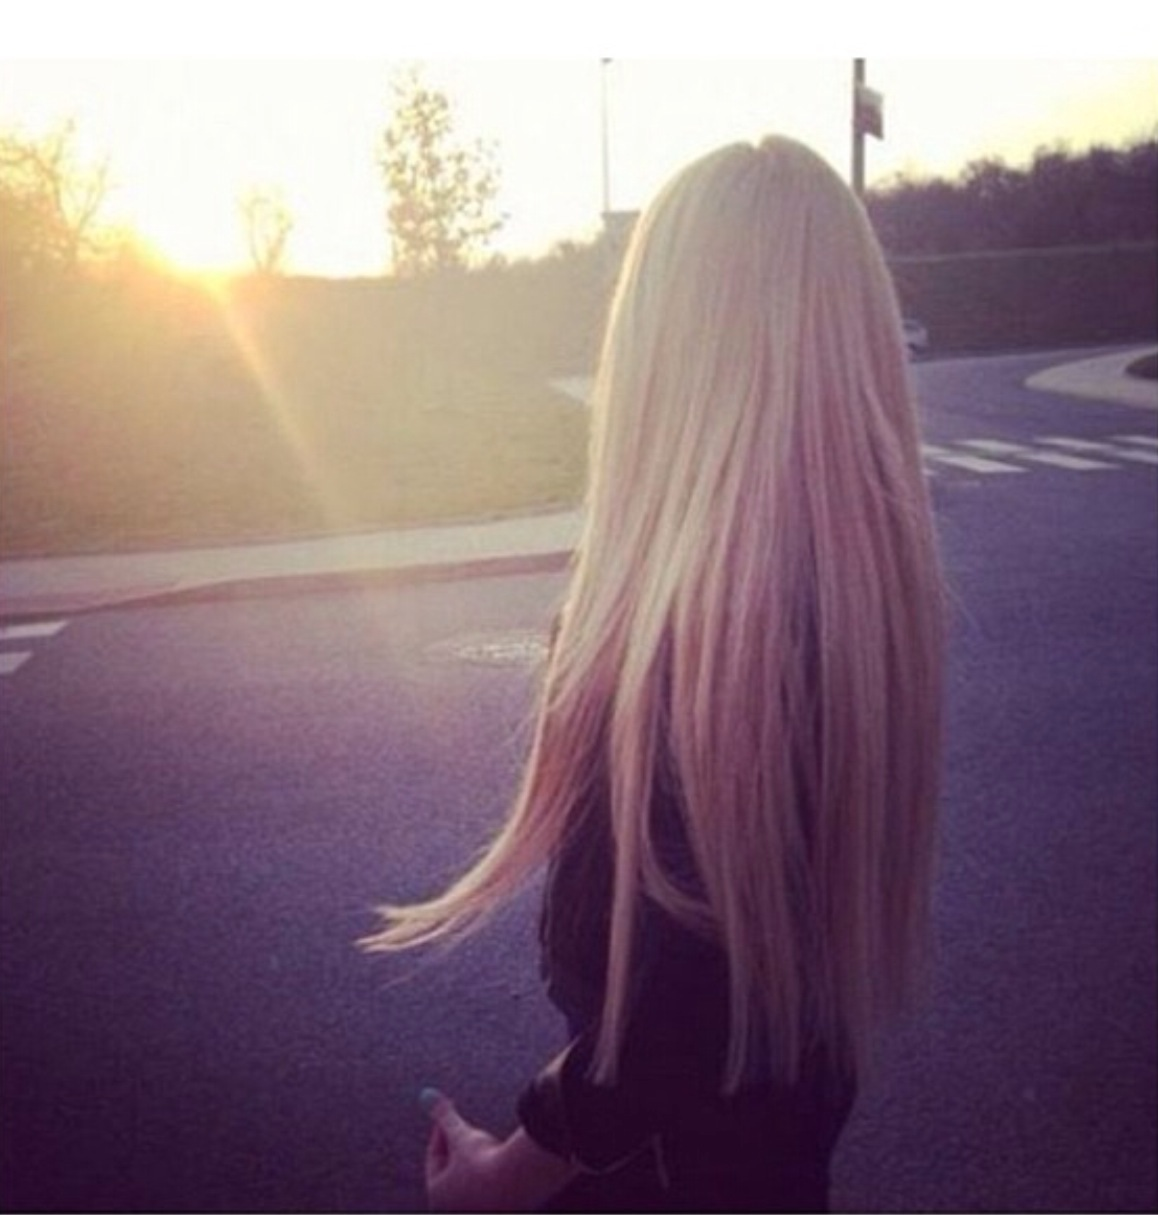 Фото на аву без лица для девушек с длинными светлыми волосами